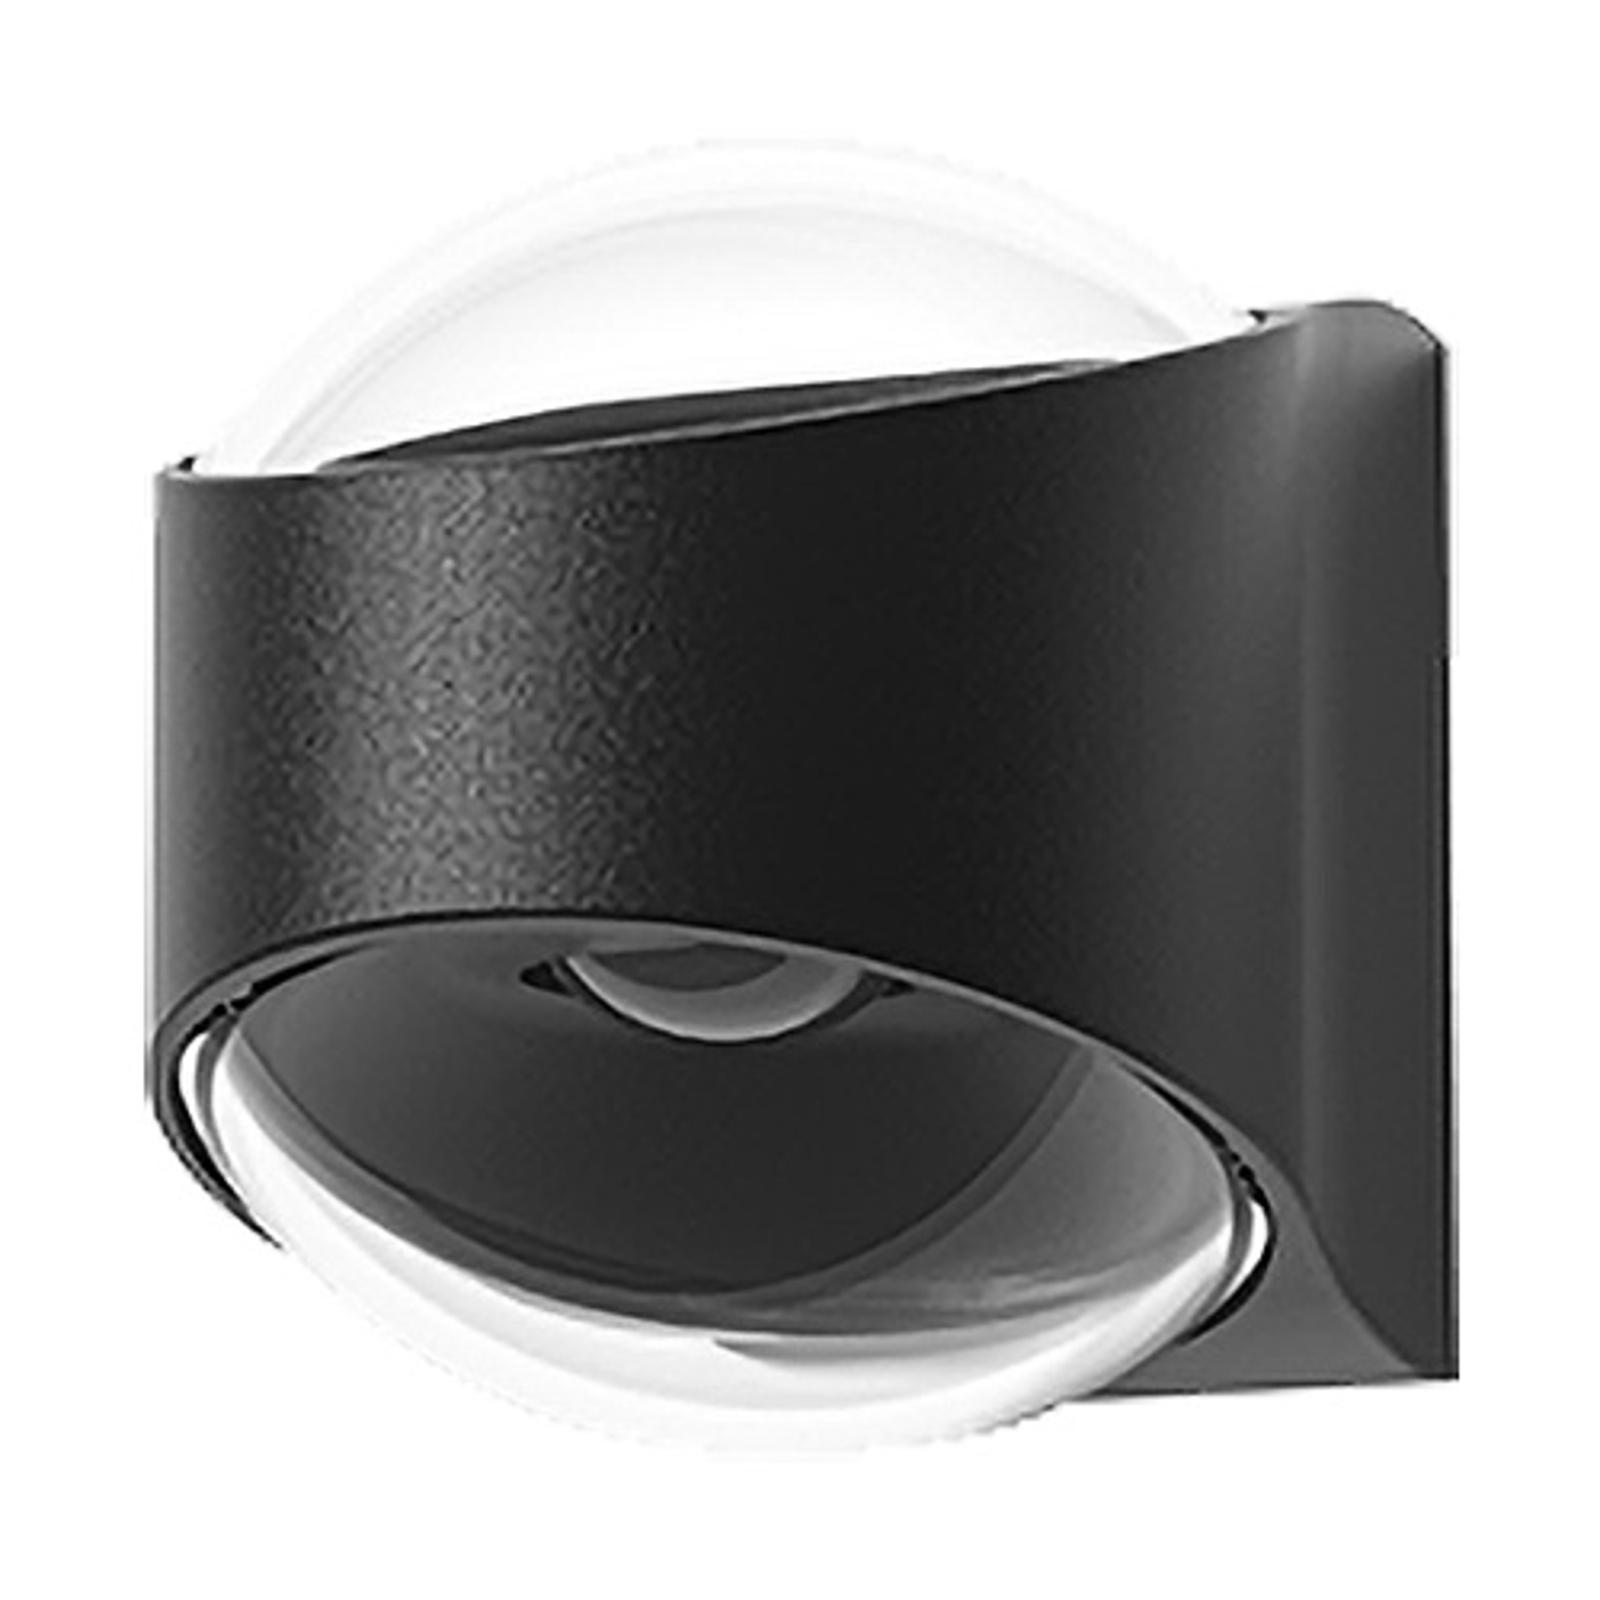 Lucande Almos utendørs LED-vegglampe, buet, 2 lys